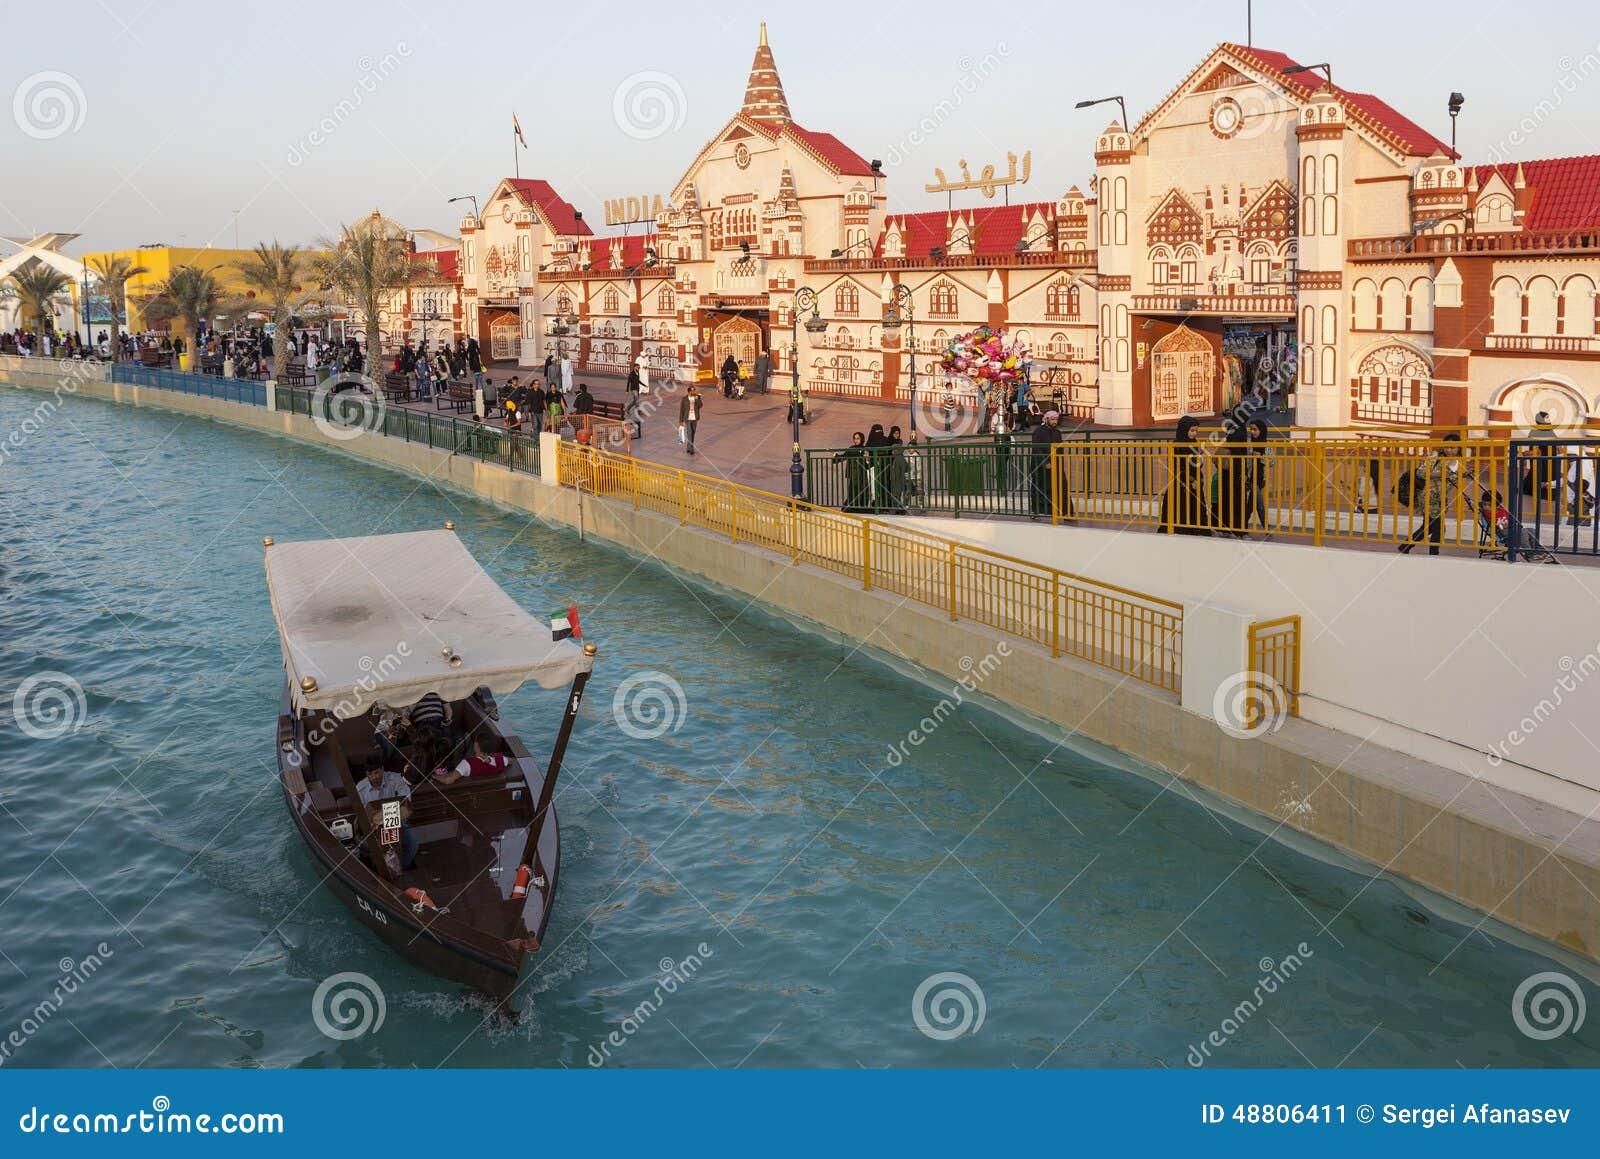 Δίκαιο σφαιρικό χωριό (παγκόσμιο χωριό) Ντουμπάι εμιράτα που ενώνονται αρα